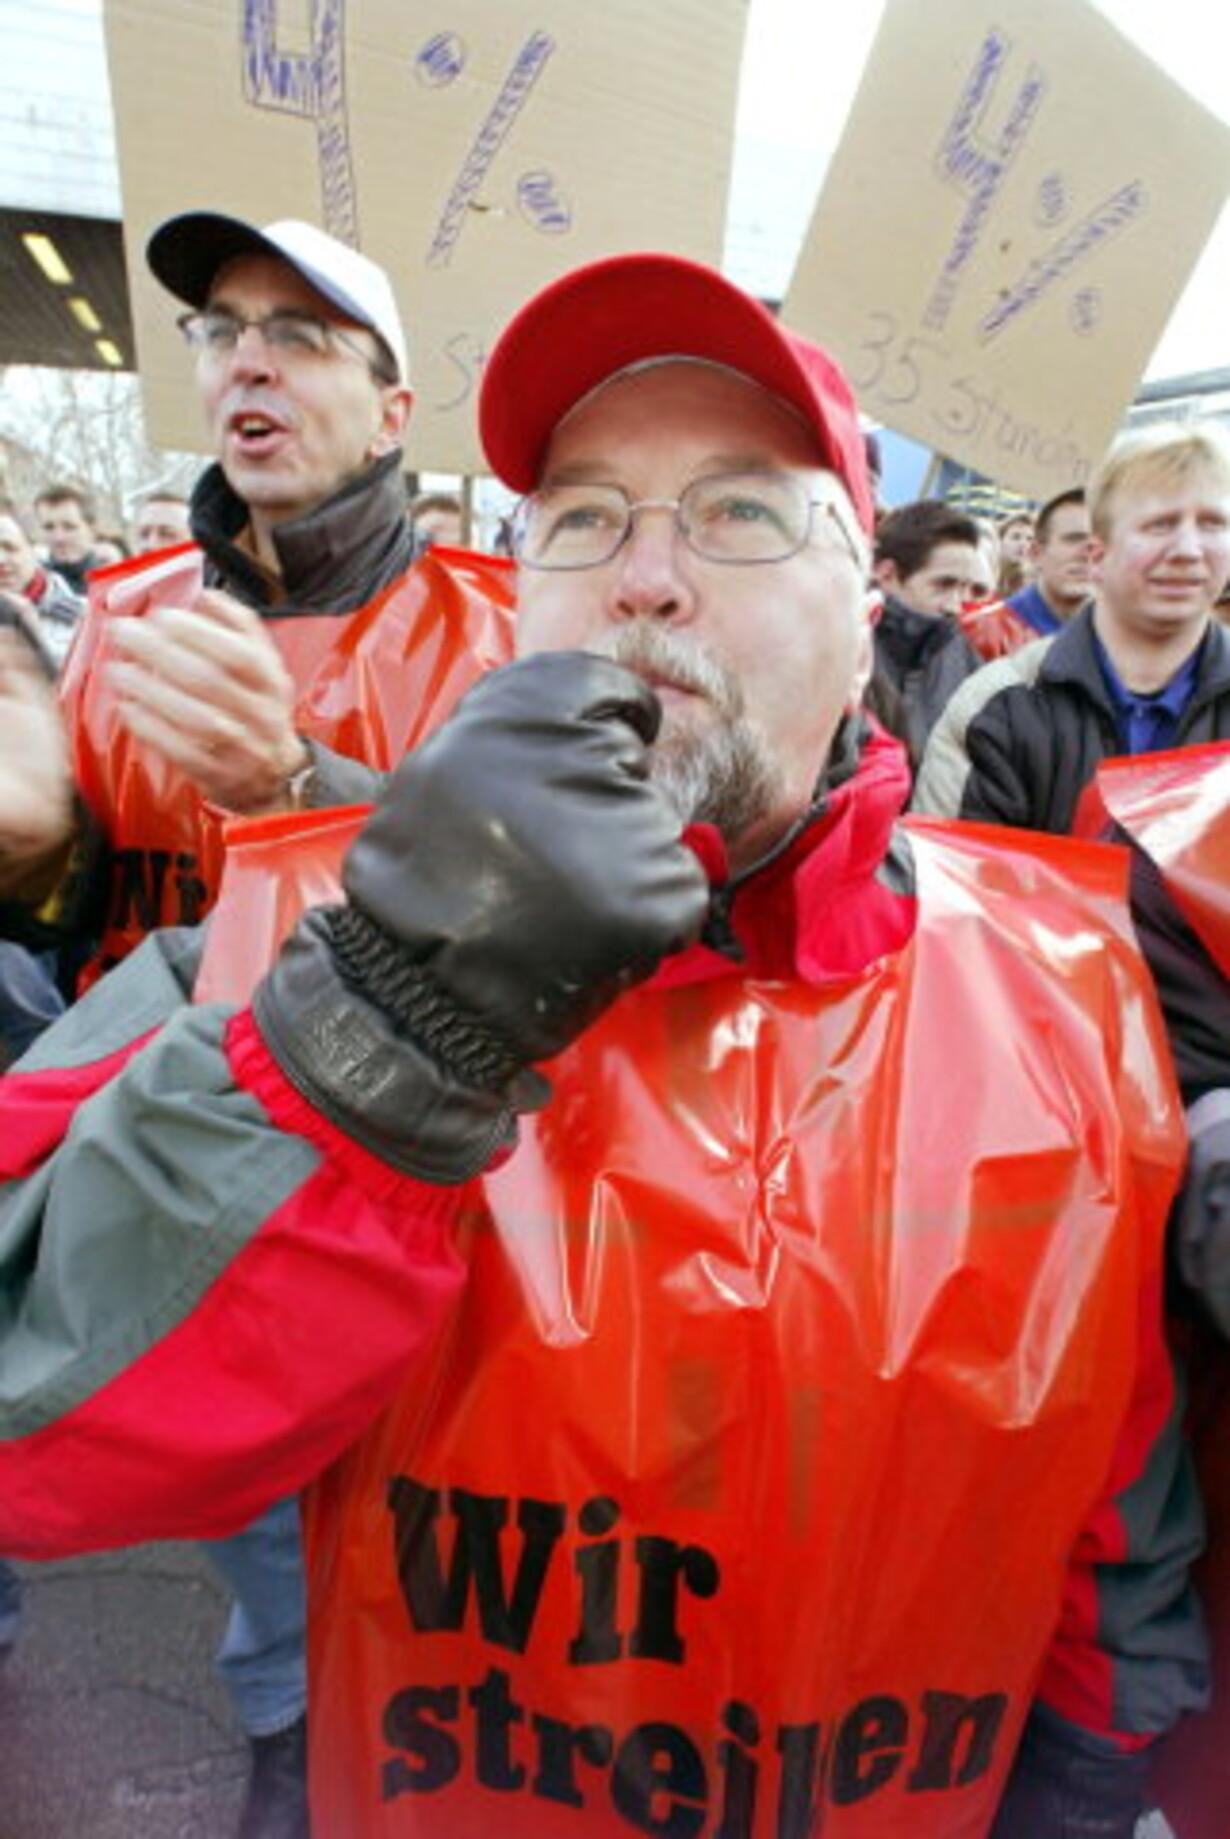 Tyske metalarbejdere varmer op til storstrejke - 1